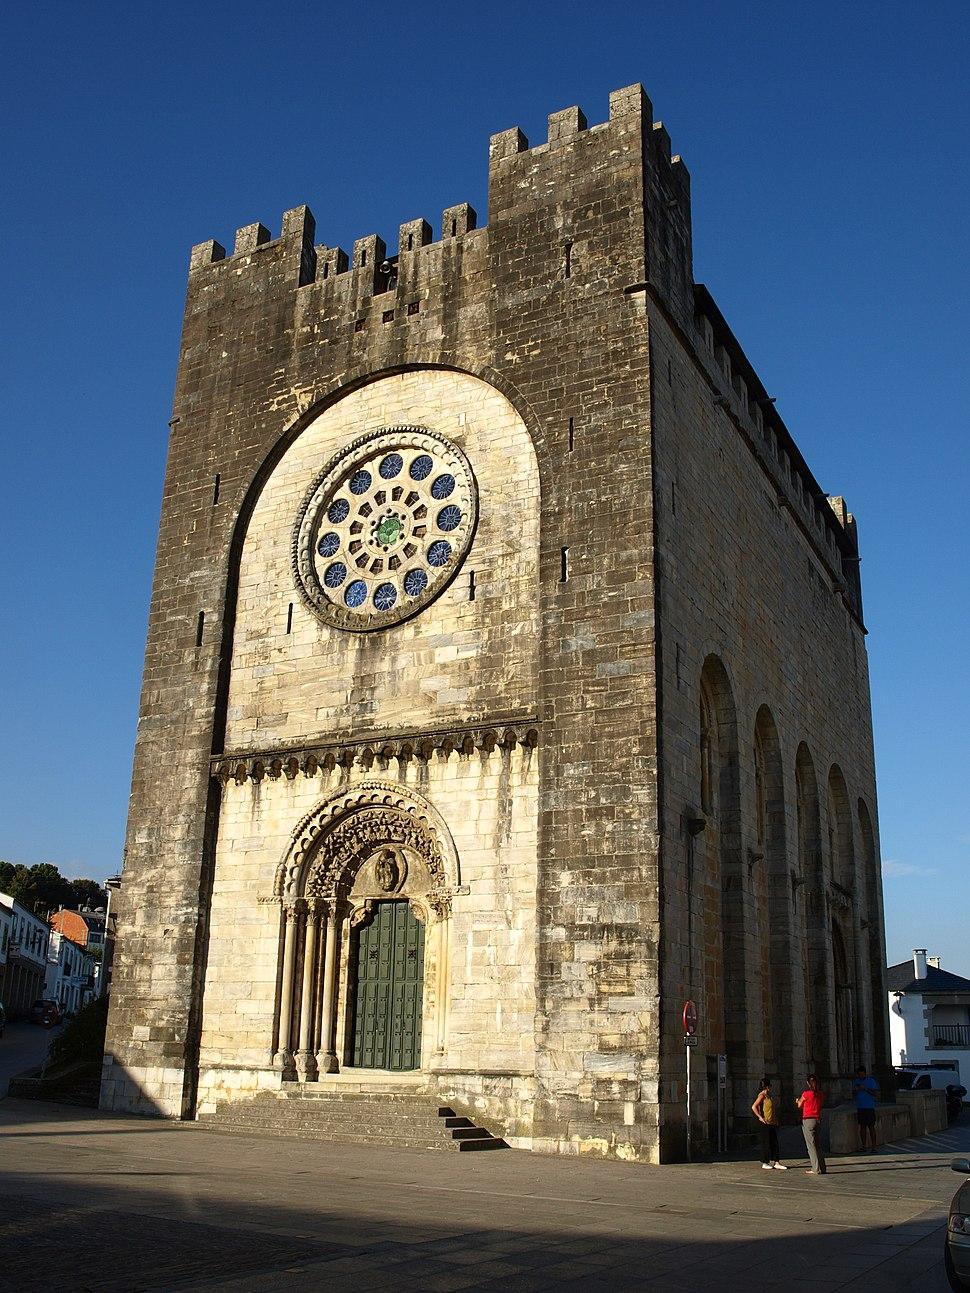 Igrexa de San Nicolao